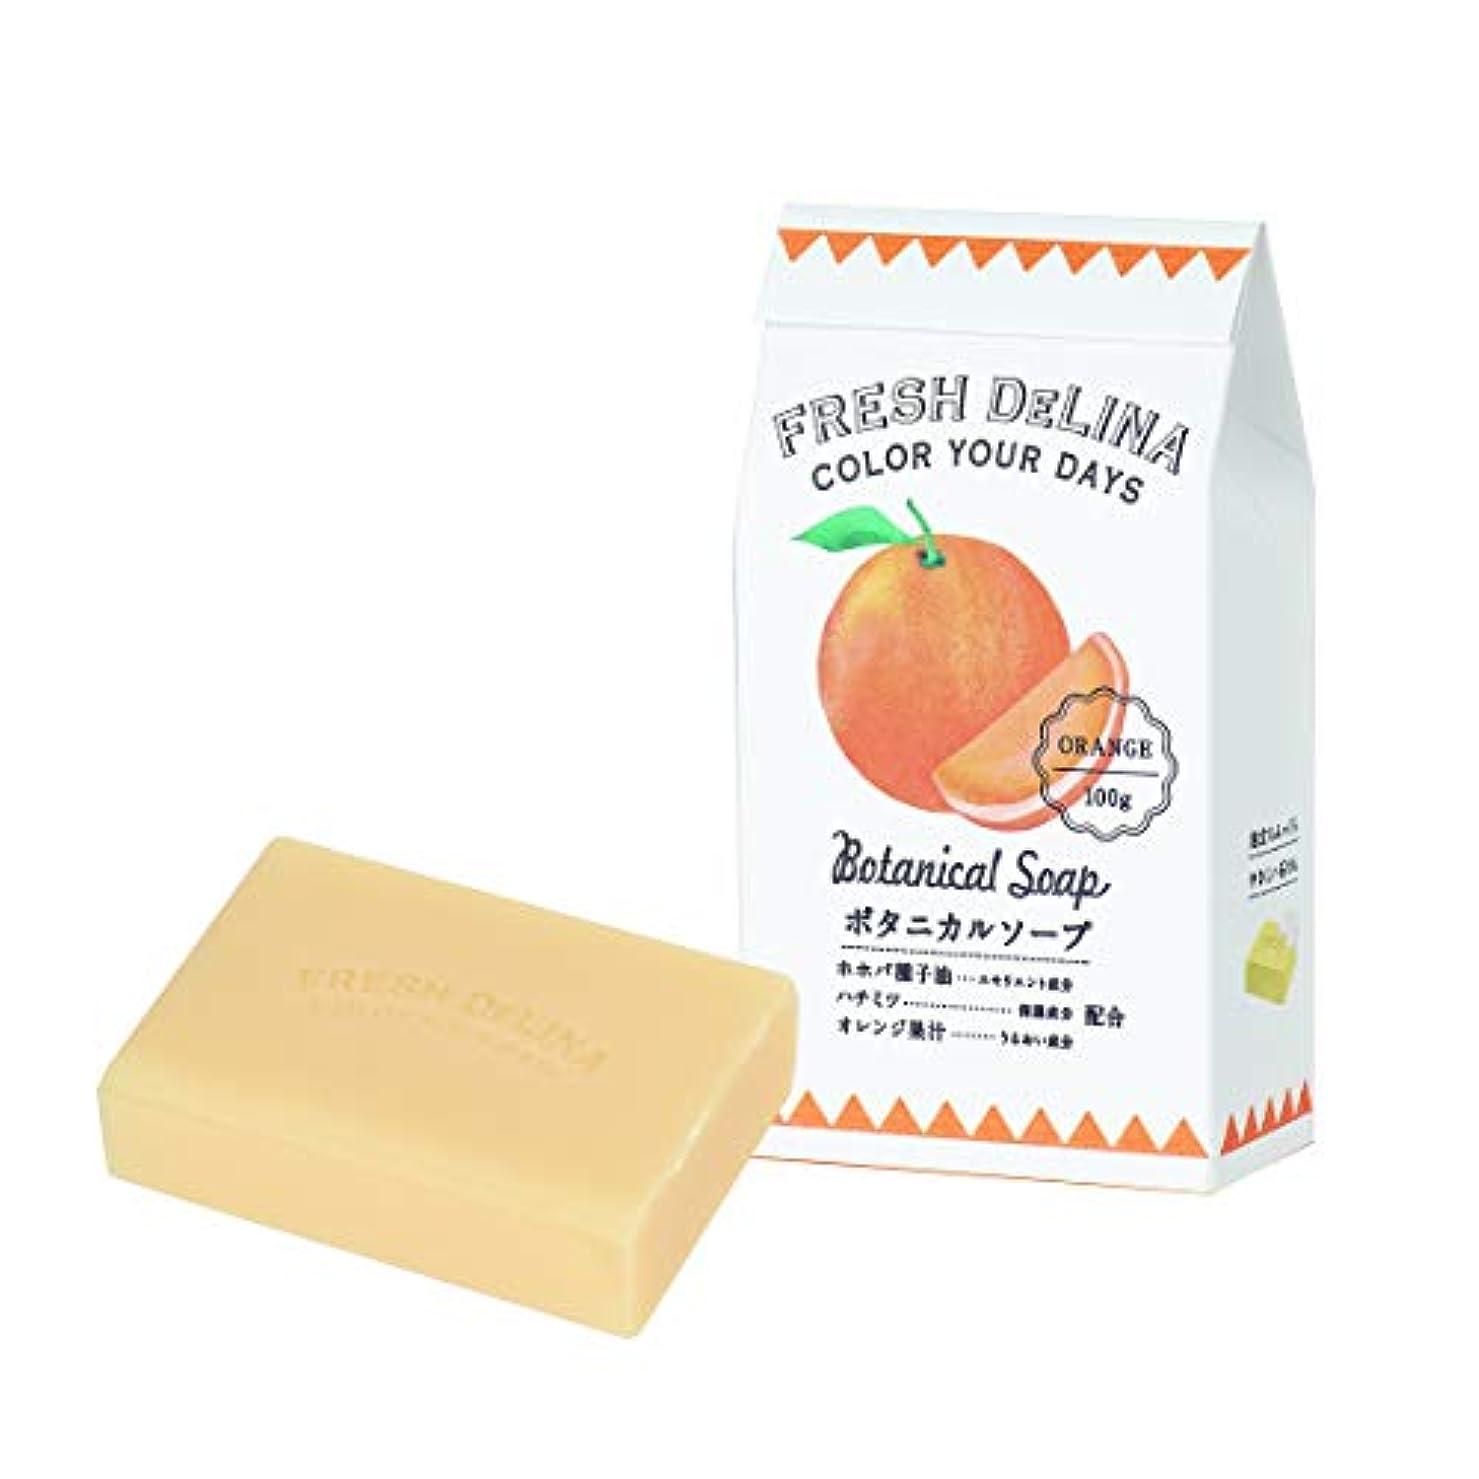 健康怠なオートメーションフレッシュデリーナ ボタニカルソープ オレンジ 100g